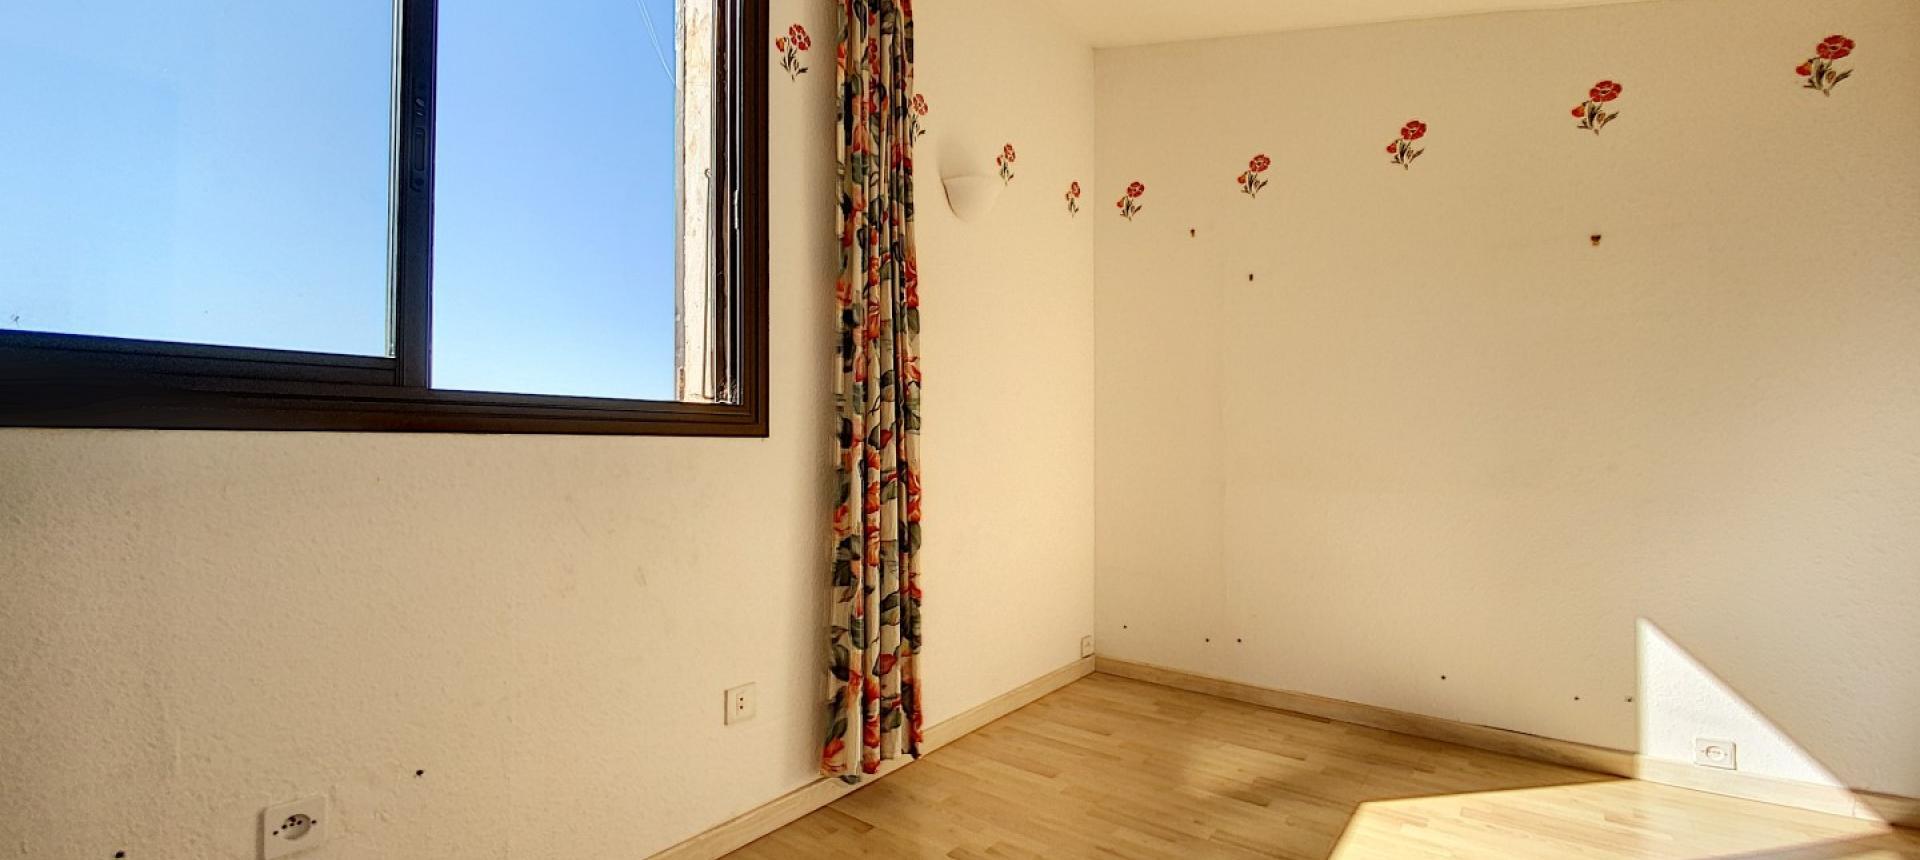 Maison à vendre à Porticcio - Rive sud Ajaccio- Chambre